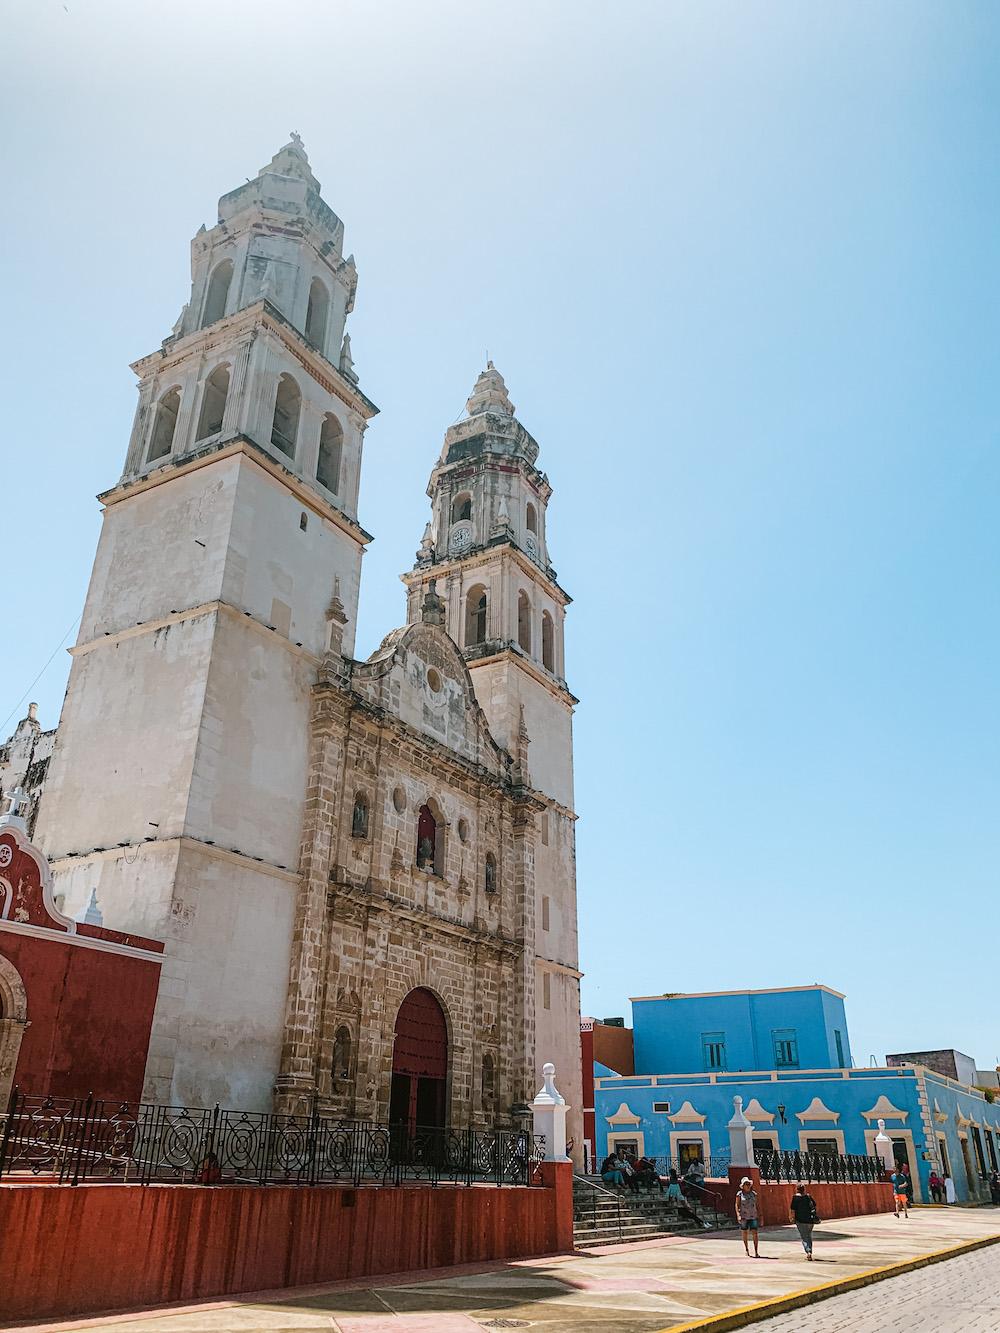 centrale plein kerk campeche